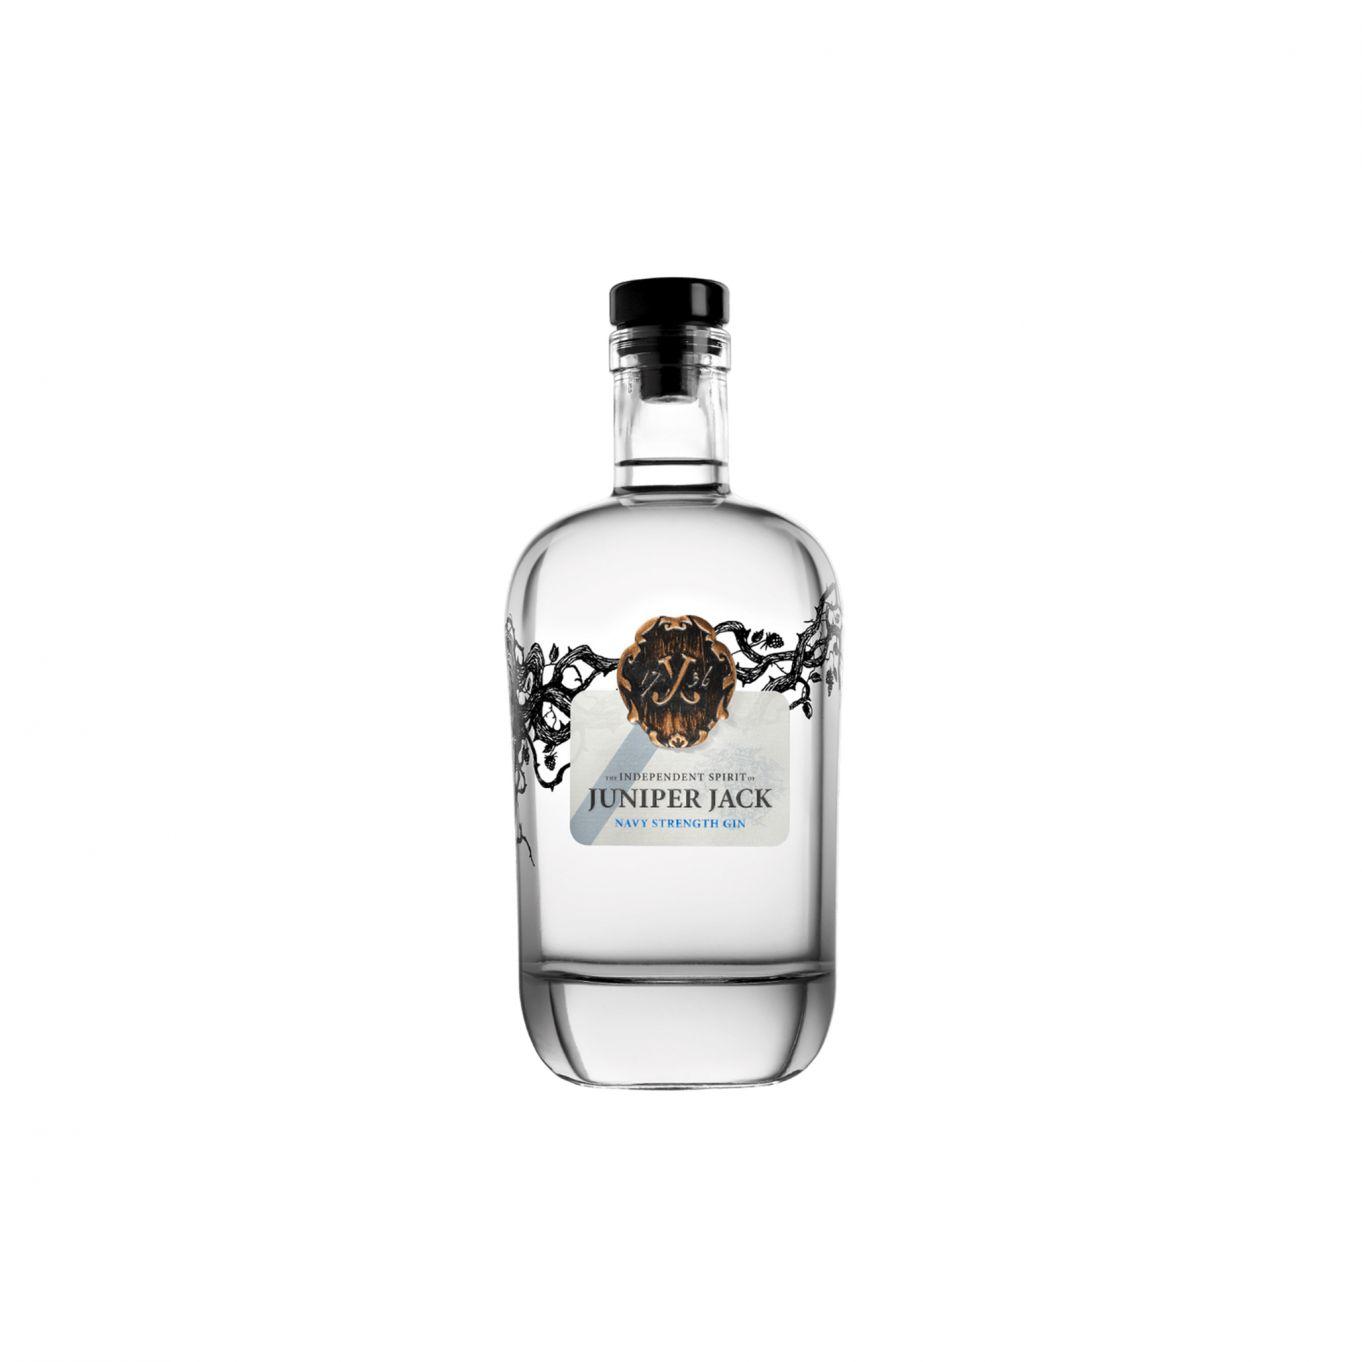 Juniper Jack Gin Navy Strength